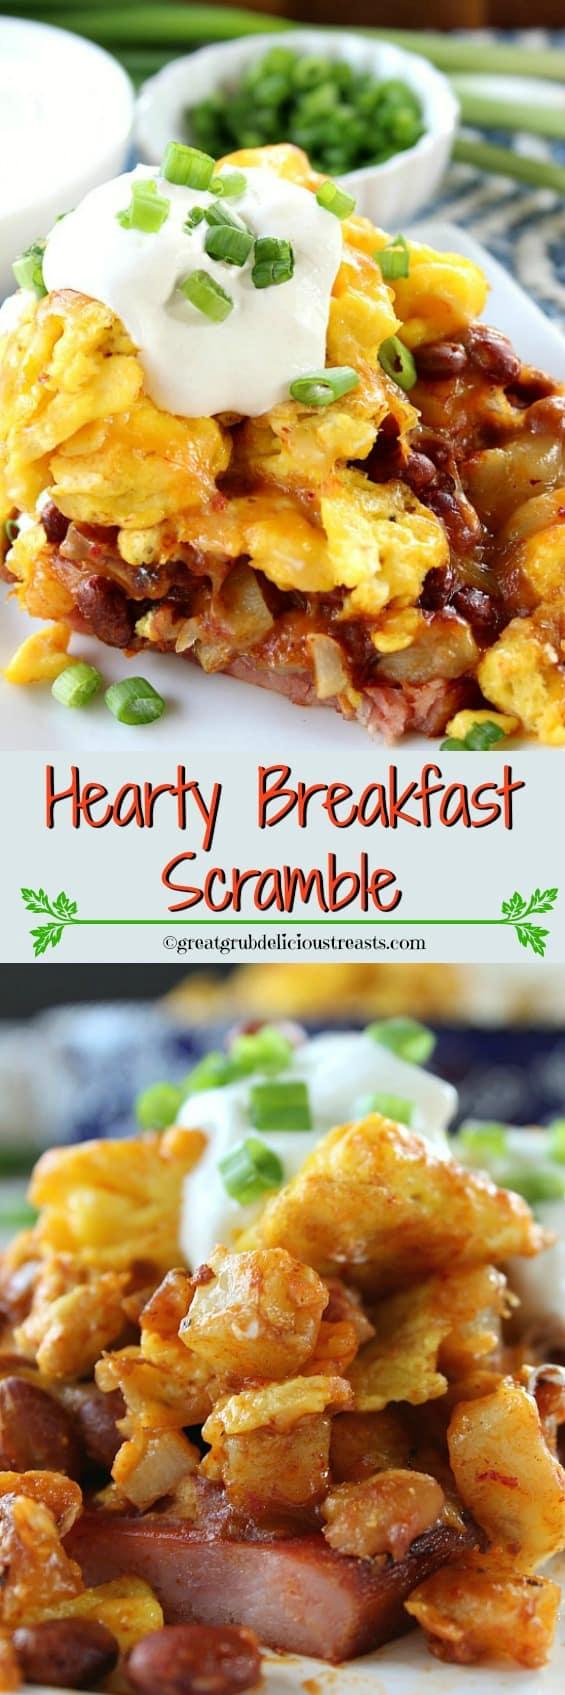 Hearty Breakfast Scramble